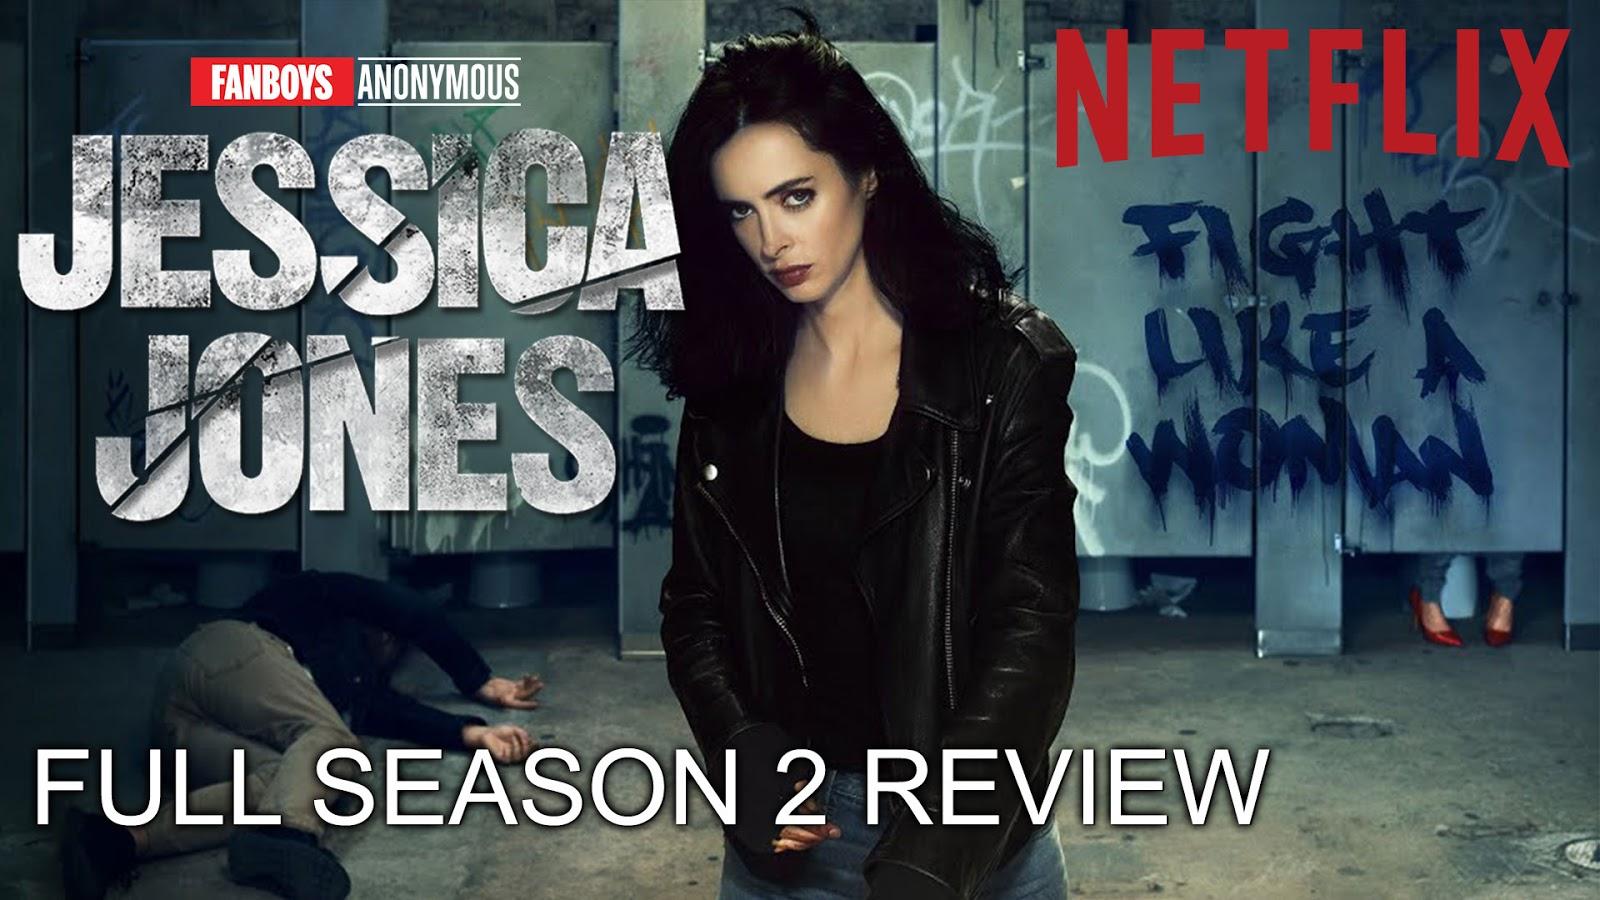 Netflix desktop Marvel's Jessica Jones wallpaper